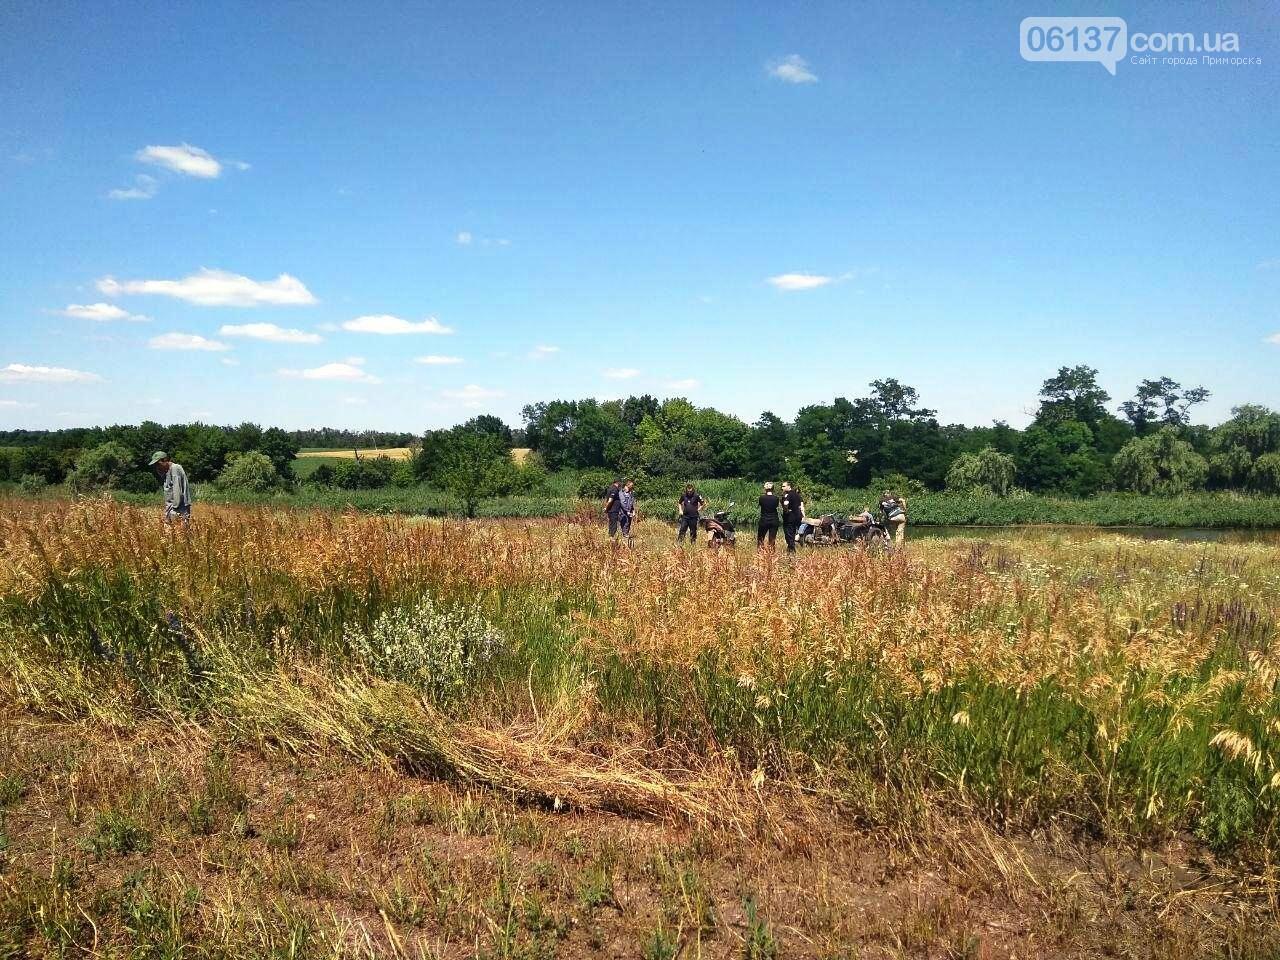 В ставке Запорожской области утонули дети. Фото, фото-2